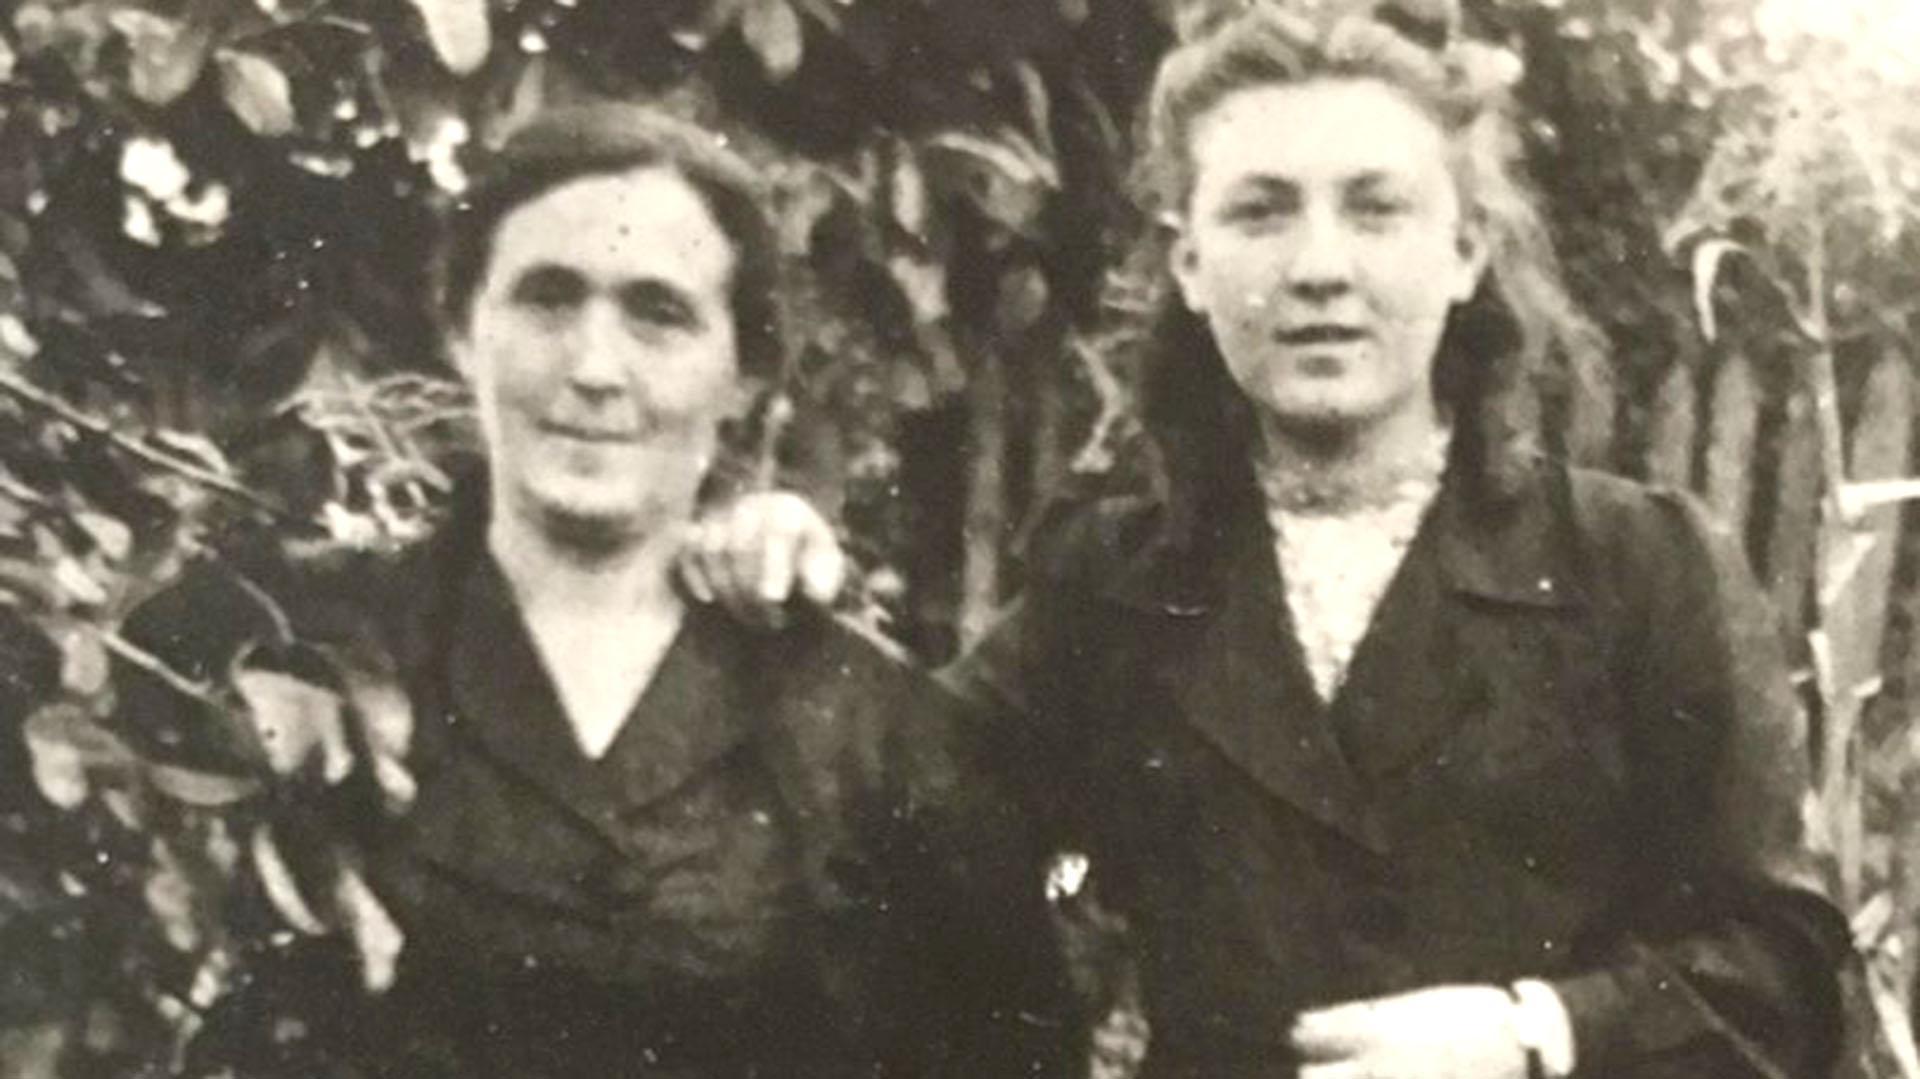 Etcia y Mania, poco después de la Segunda Guerra Mundial. Viuda, la madre fue una leona que debió soportar en soledad la supervivencia de sus tres hijos